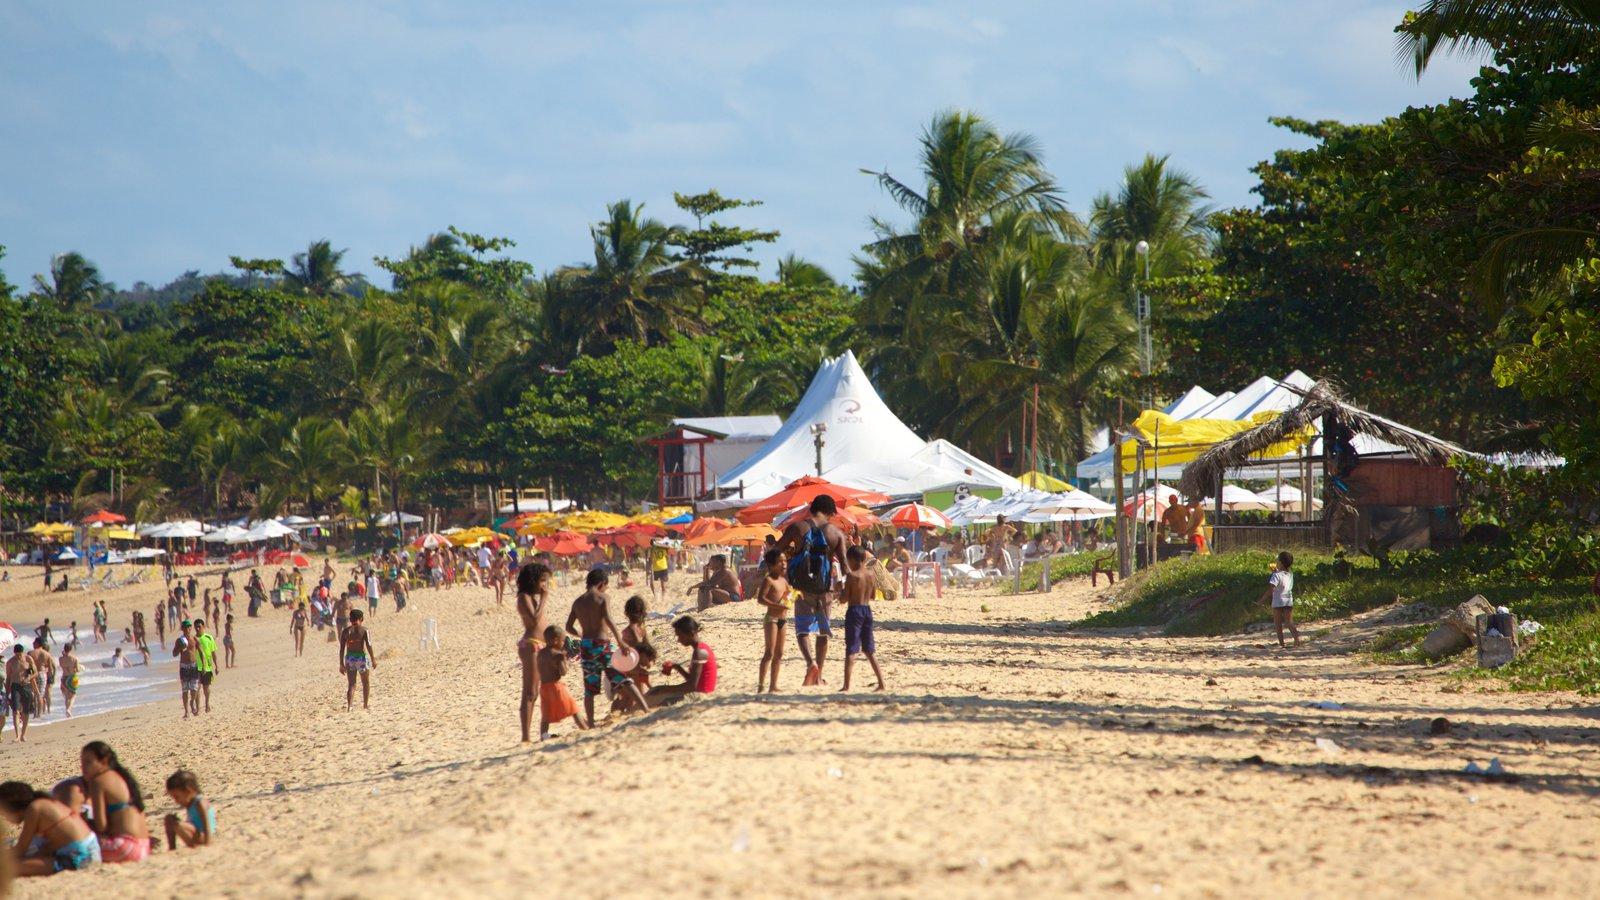 Praia de Taperapuã mostrando paisagens litorâneas e uma praia assim como um grande grupo de pessoas